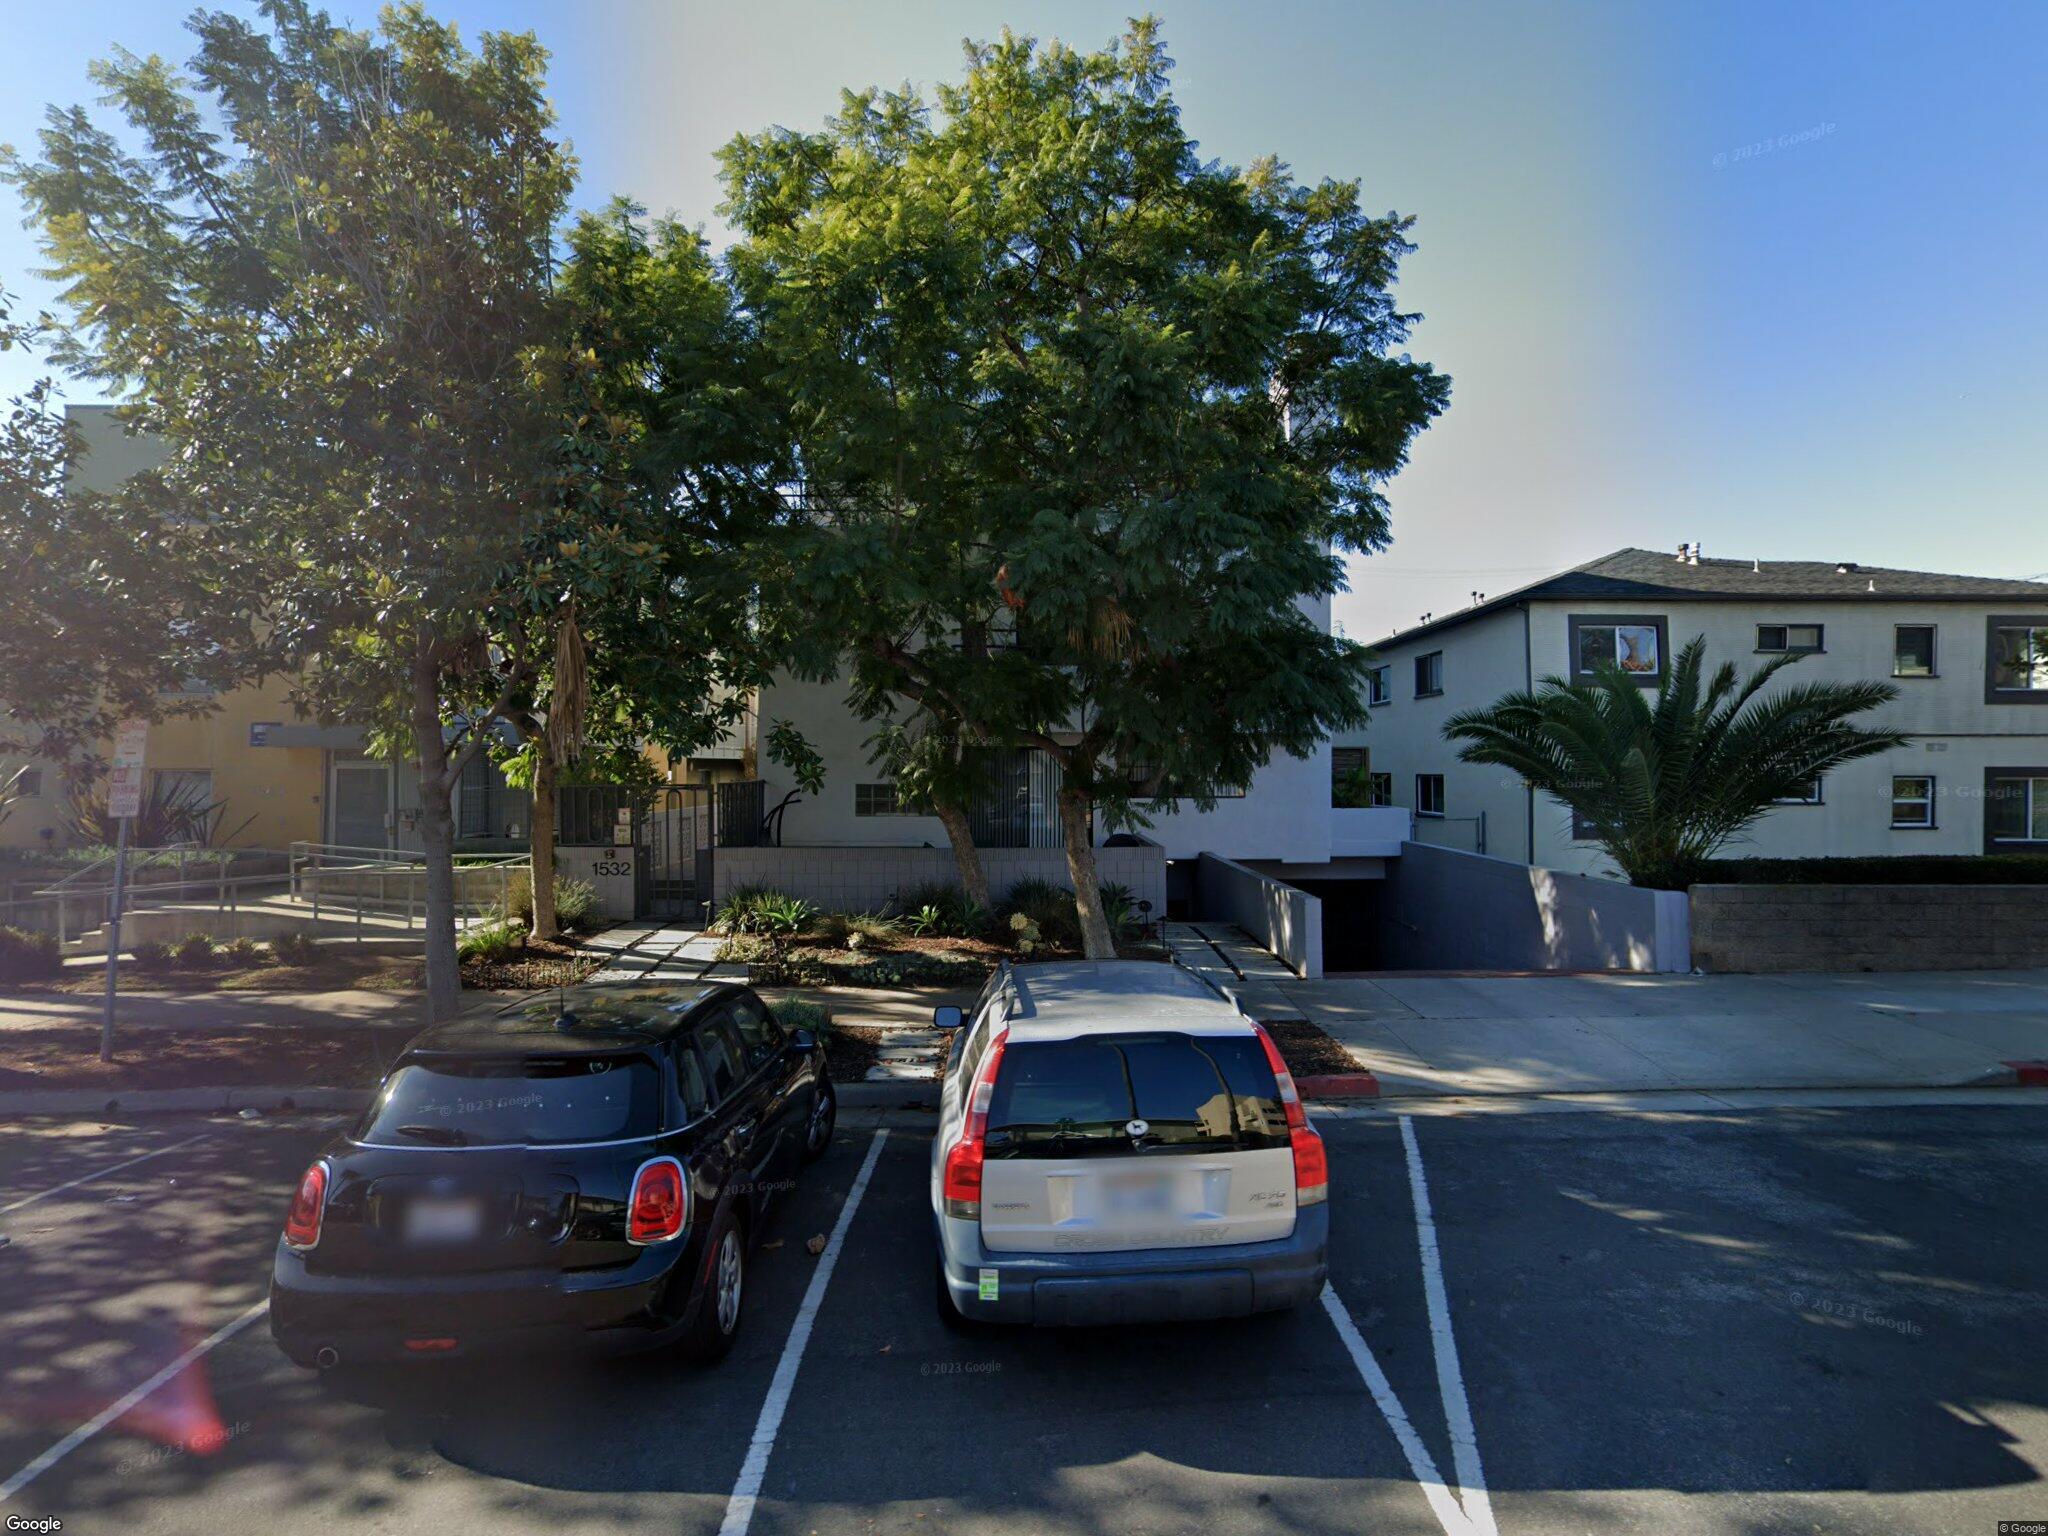 1532 9th St 7 Santa Monica Ca 90401 Foreclosure Trulia